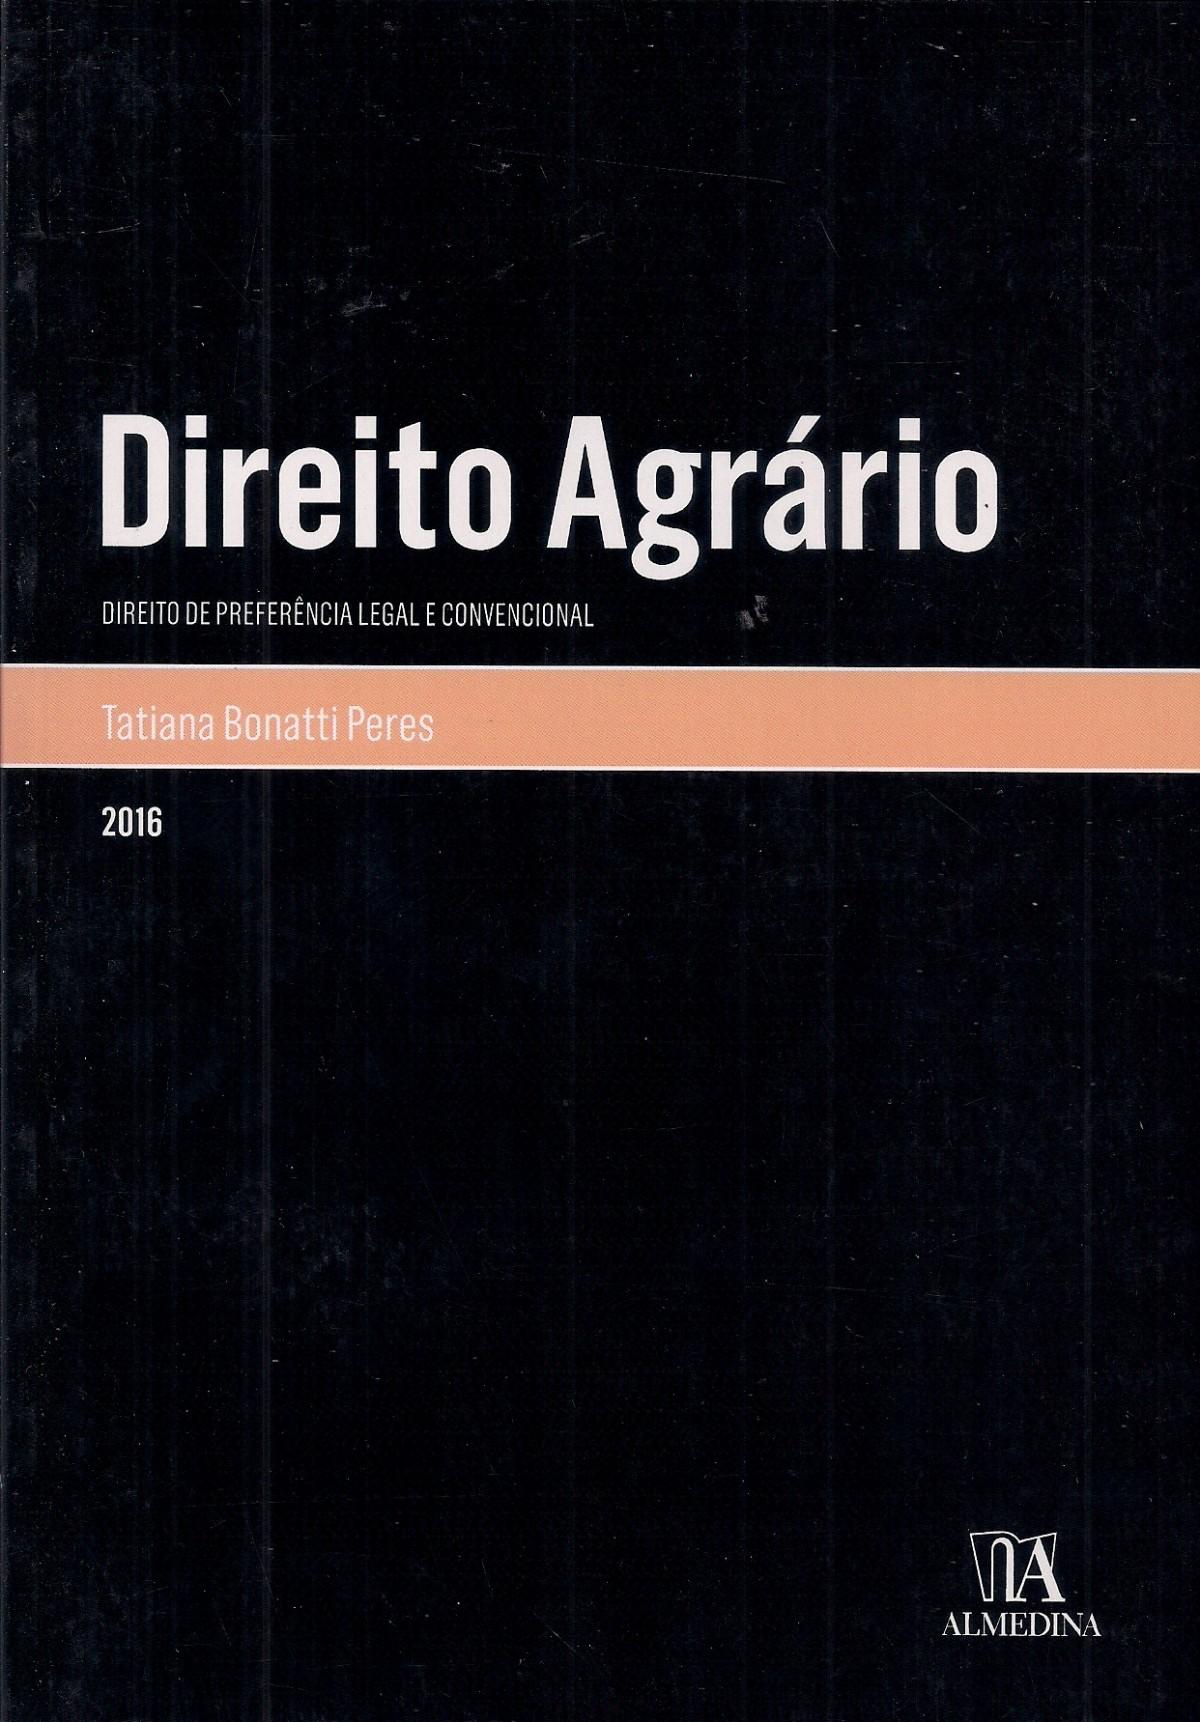 Foto 1 - Direito Agrário - Direito de preferência legal e convencional